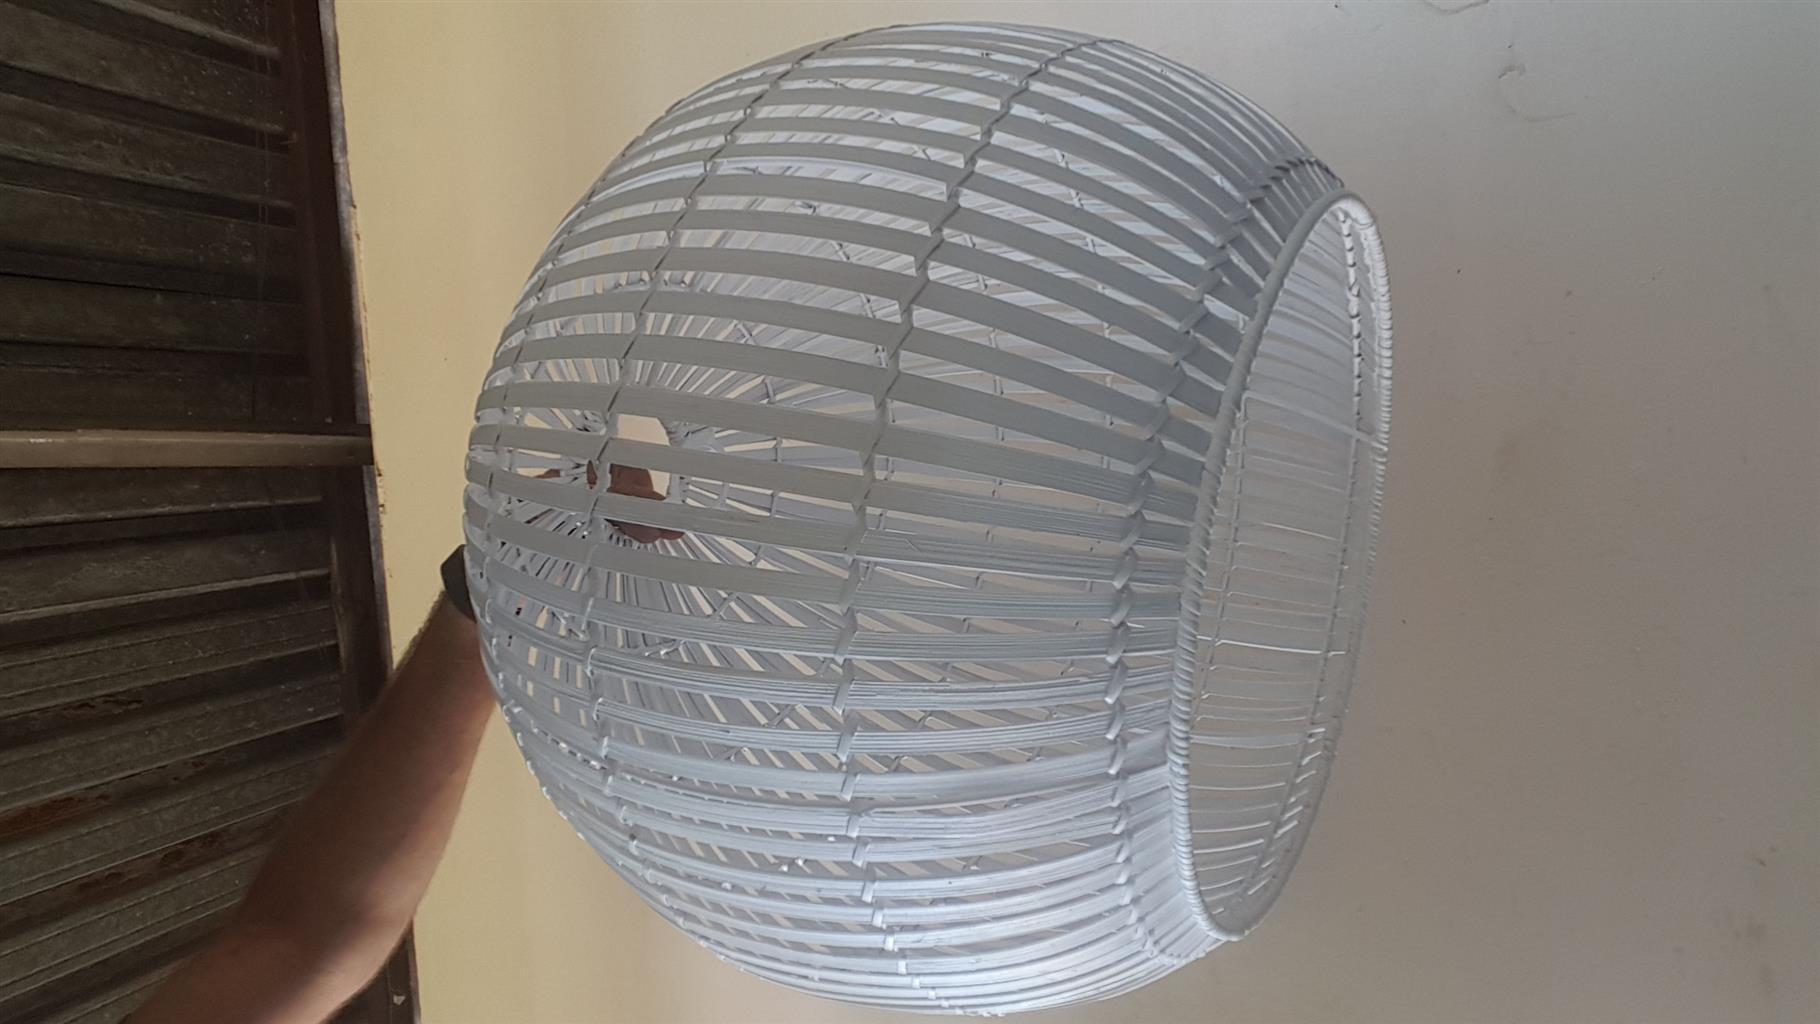 Original White Bamboo light cover.